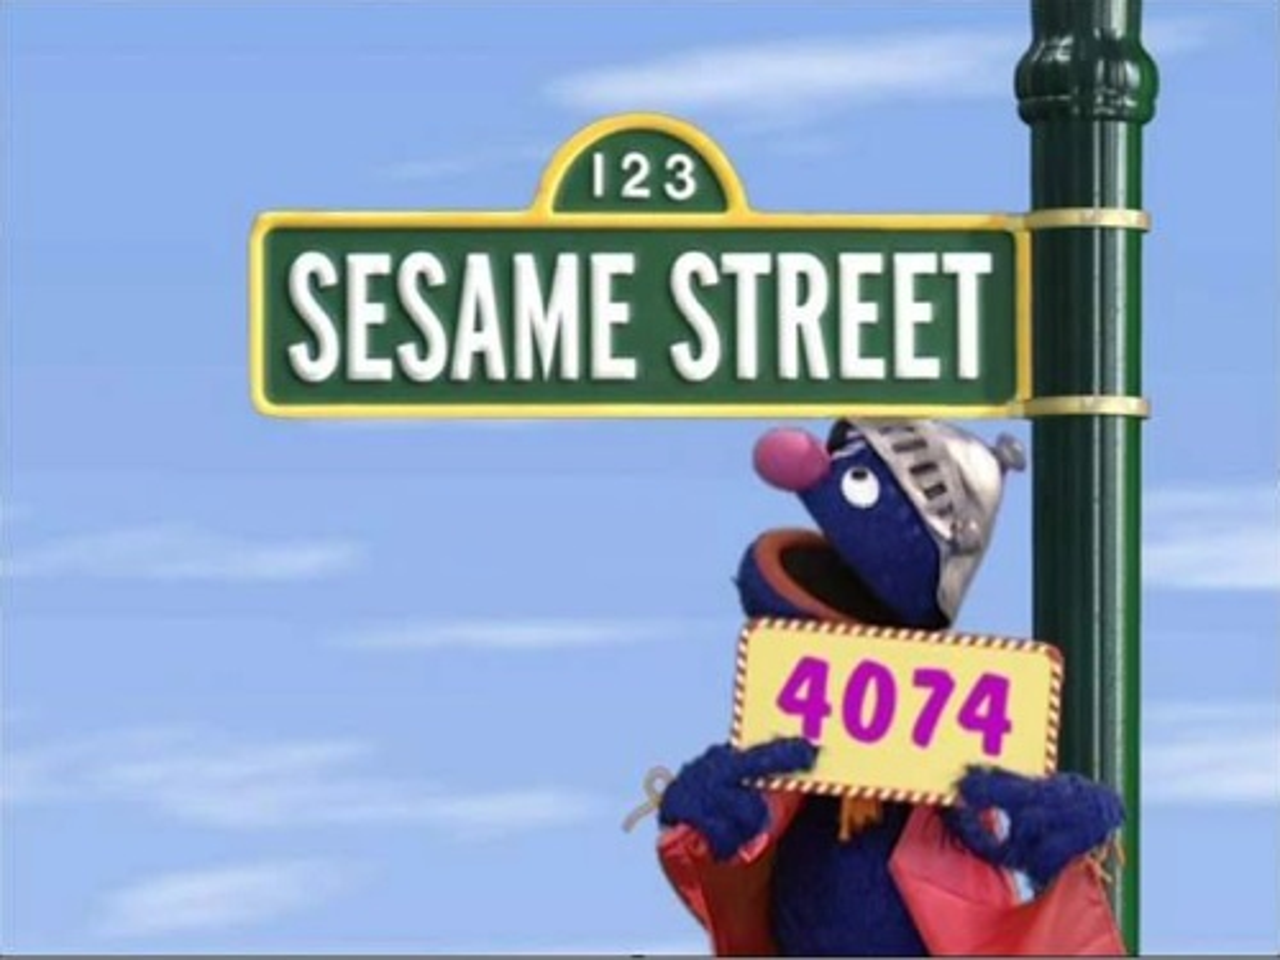 Episode 4074 | Muppet Wiki | FANDOM powered by Wikia